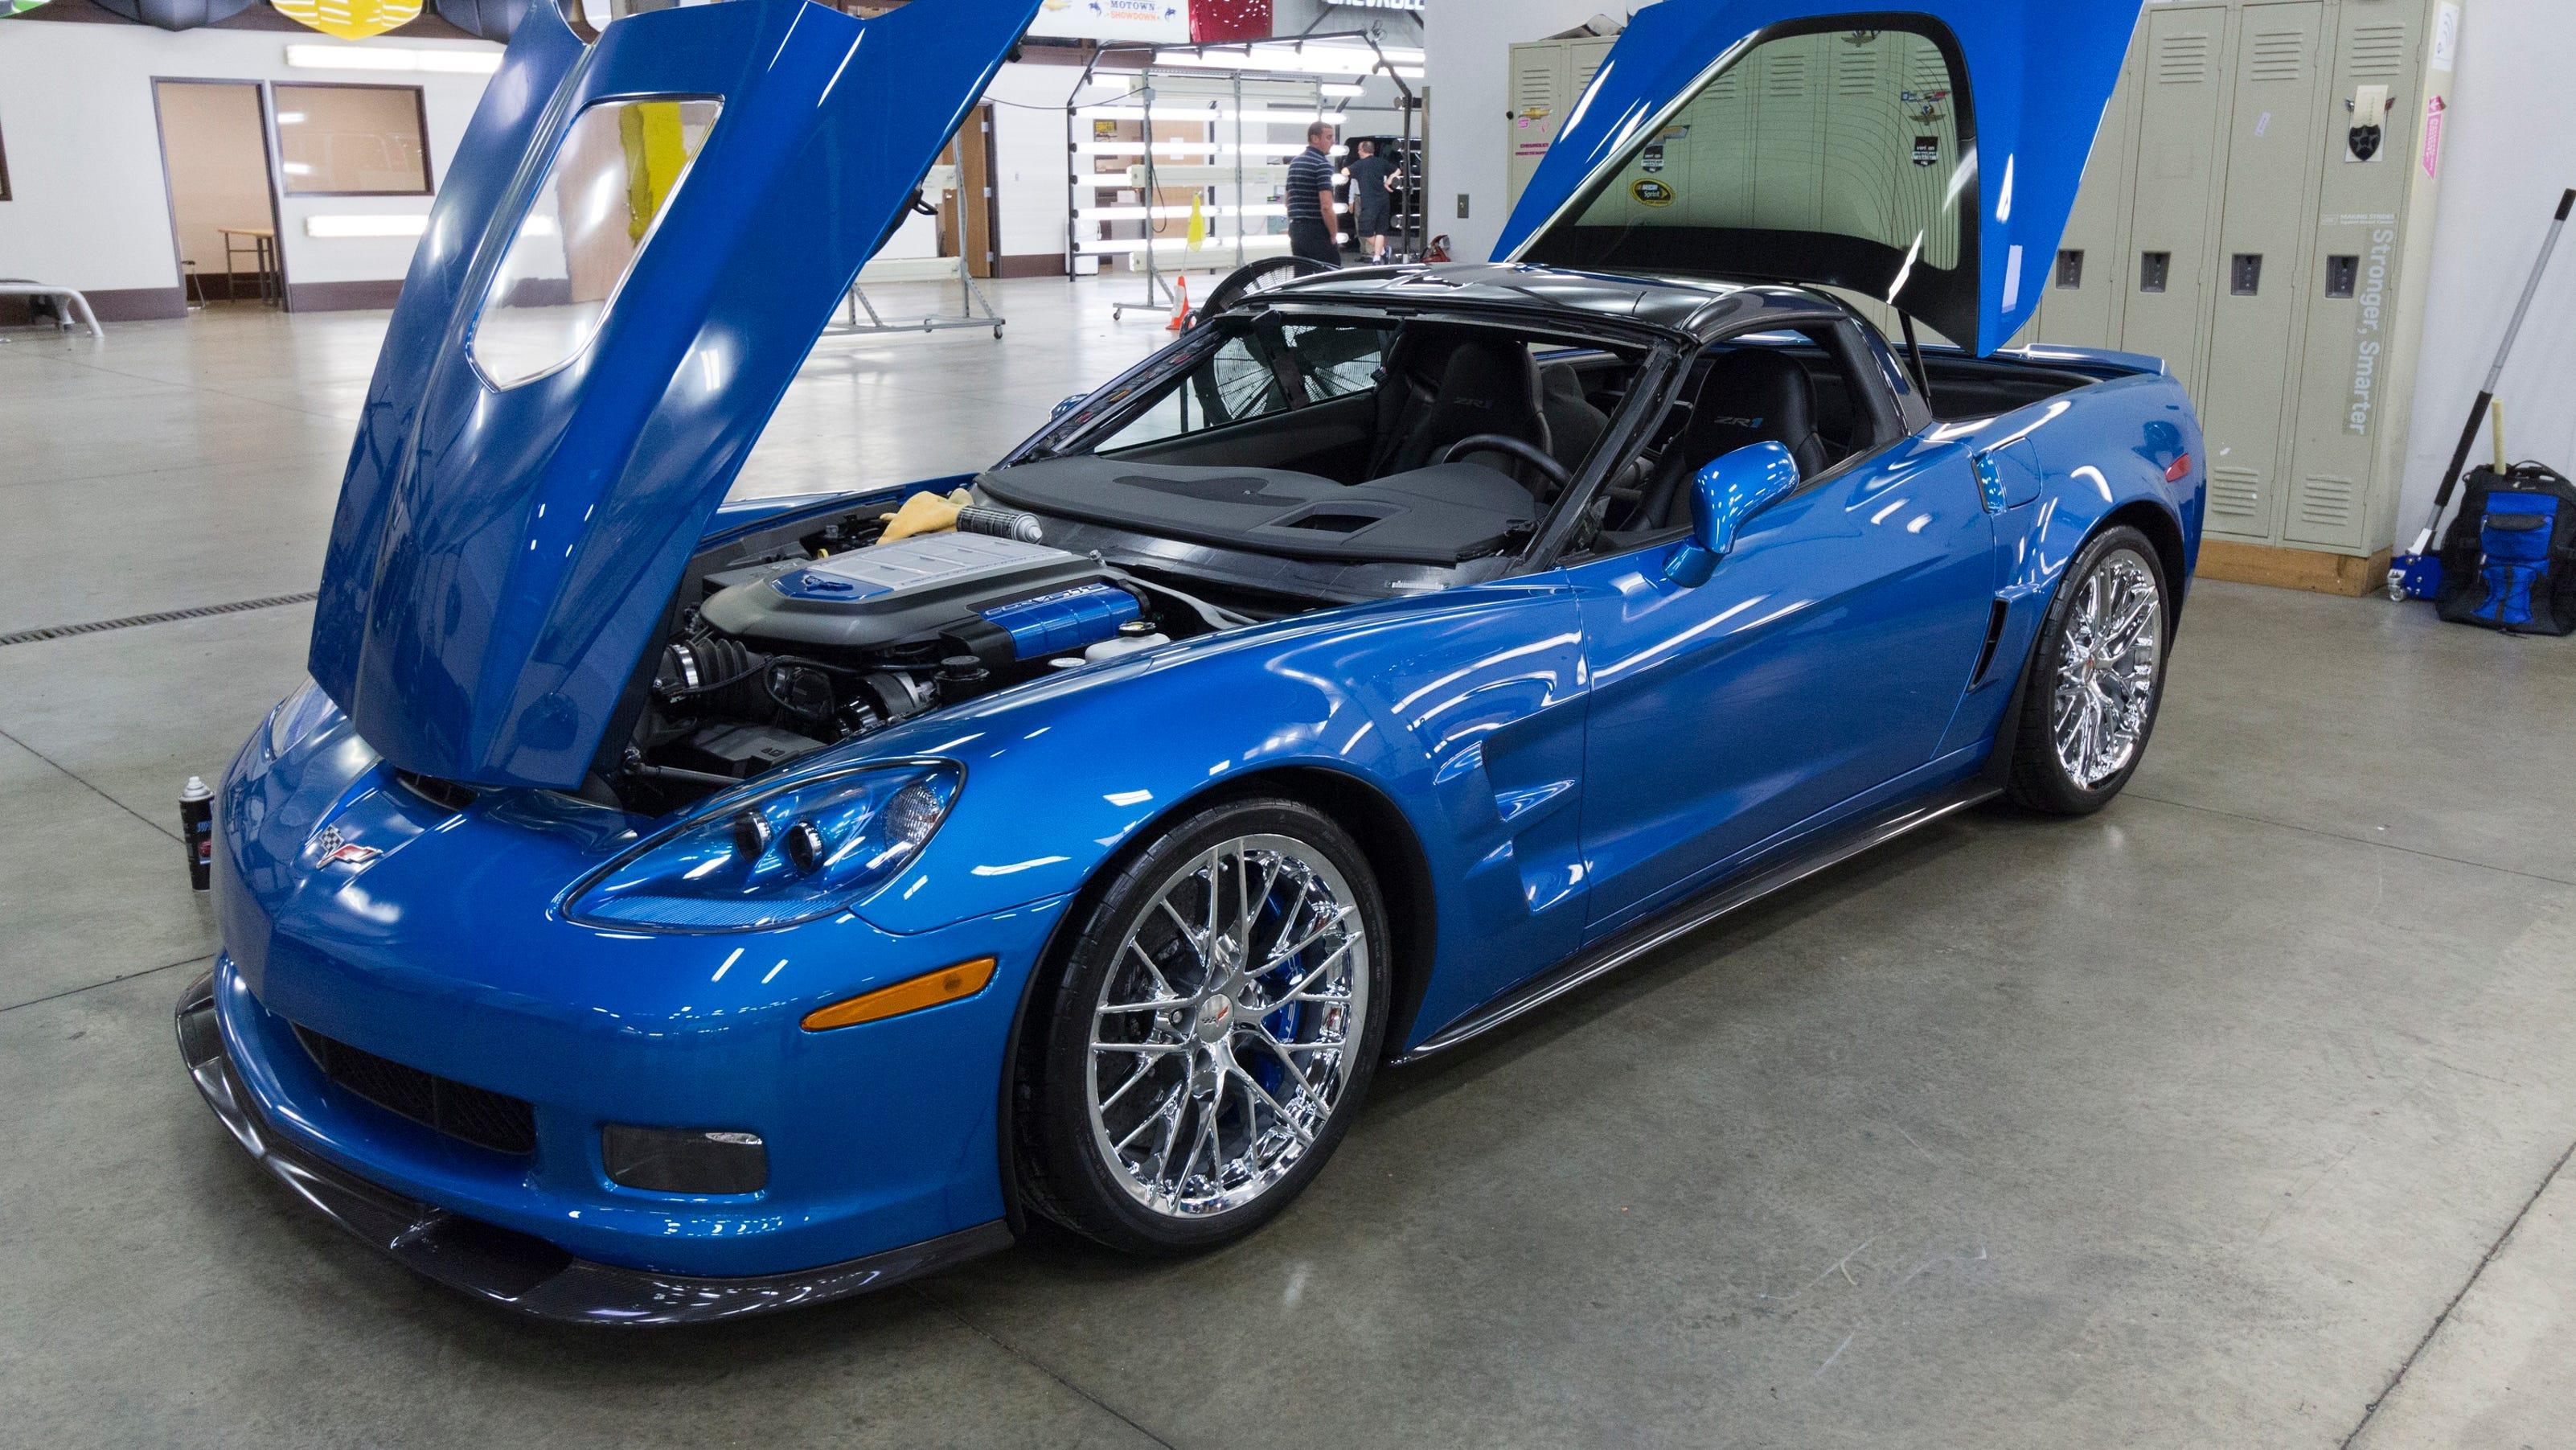 gm restores 39 blue devil 39 zr1 corvette. Black Bedroom Furniture Sets. Home Design Ideas